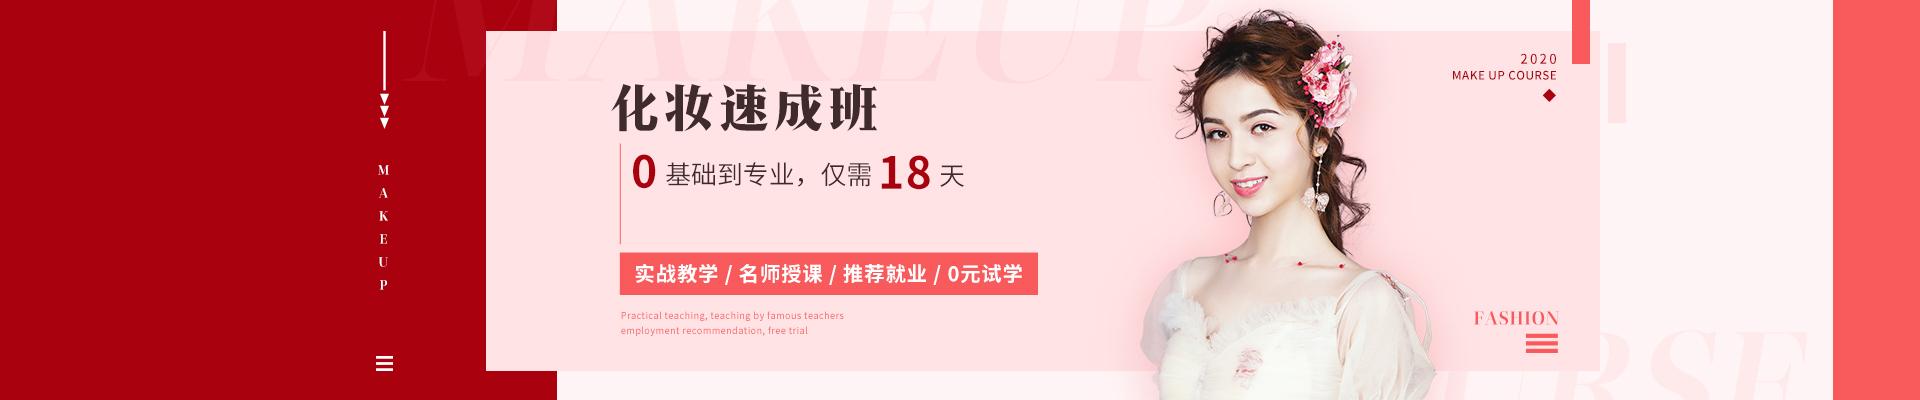 重慶一路時尚教育